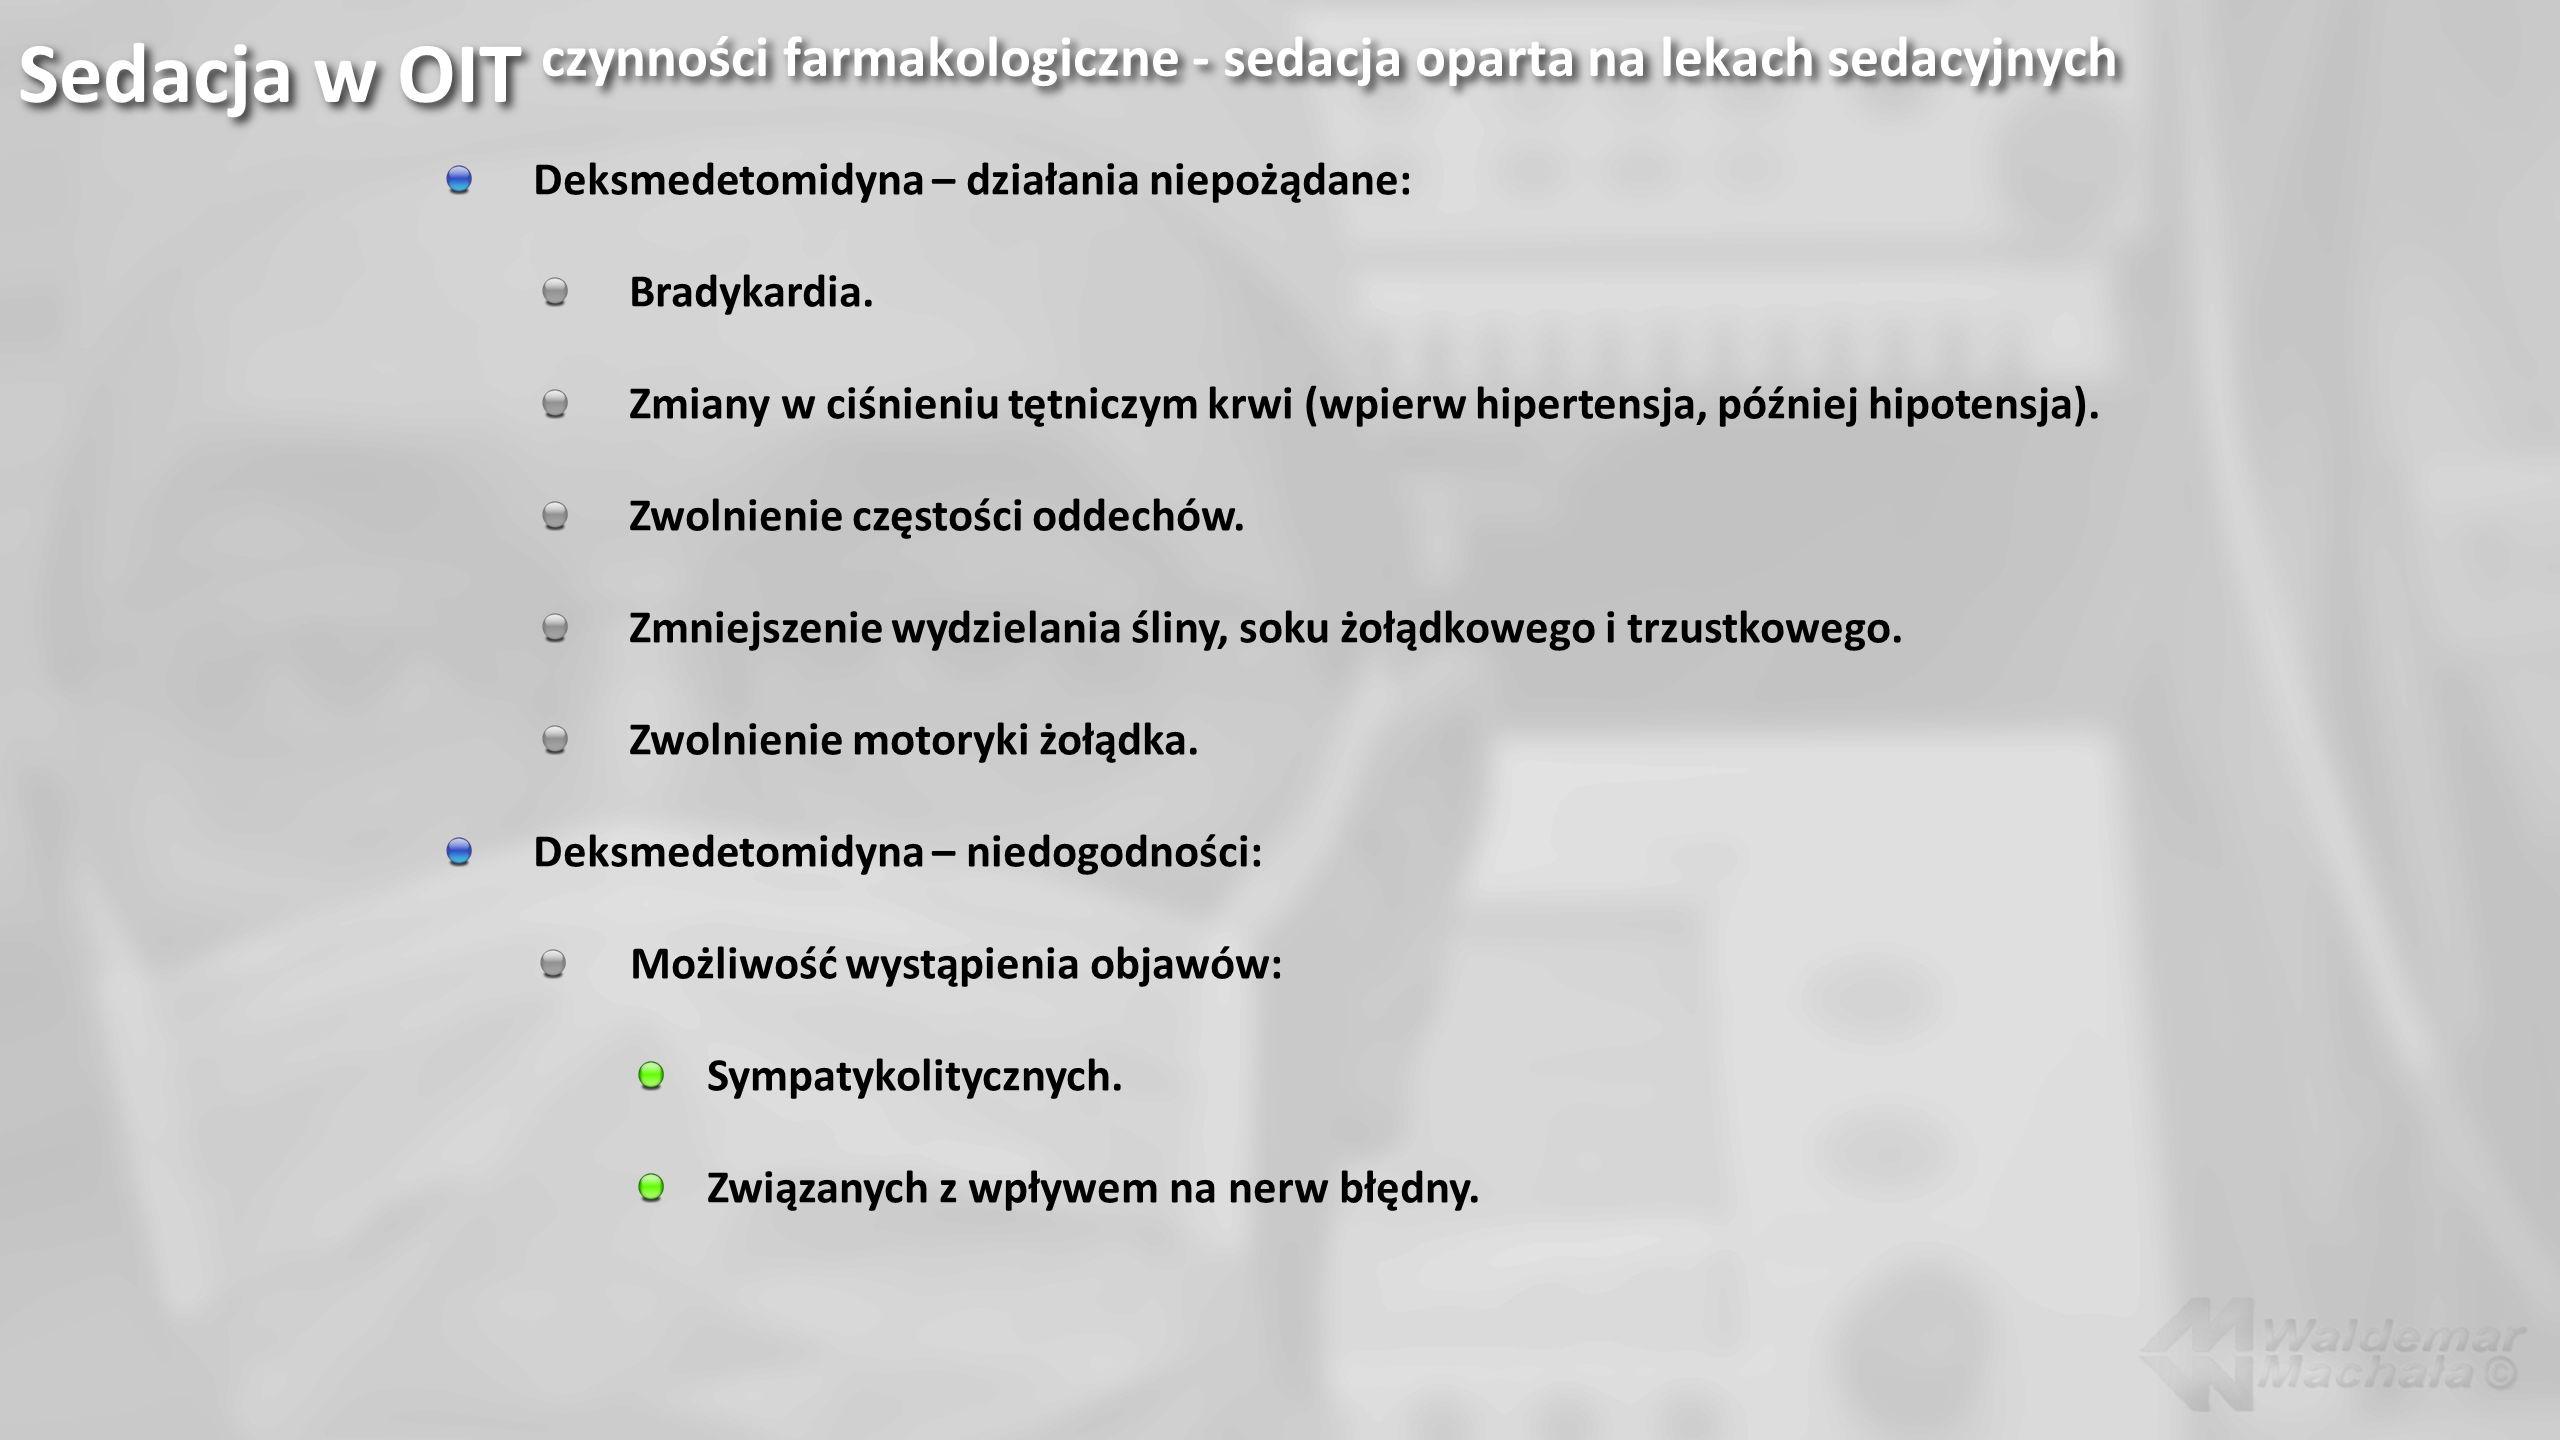 Sedacja w OIT czynności farmakologiczne - sedacja oparta na lekach sedacyjnych